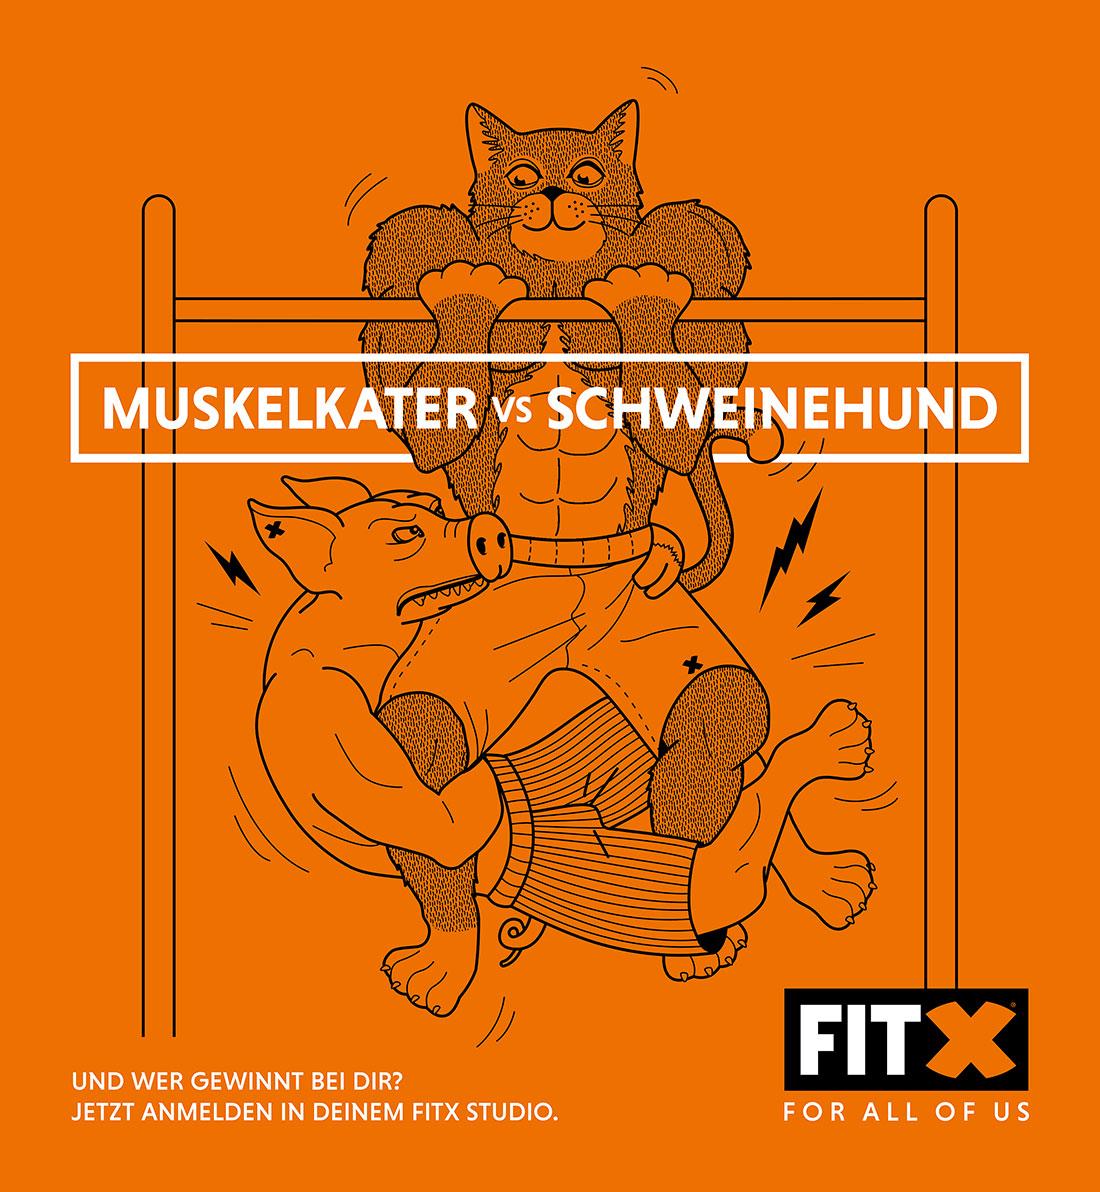 Muskelkater vs. Schweinehund - wer gewinnt? FitX_Muskalkater-vs-Schweinehund_03